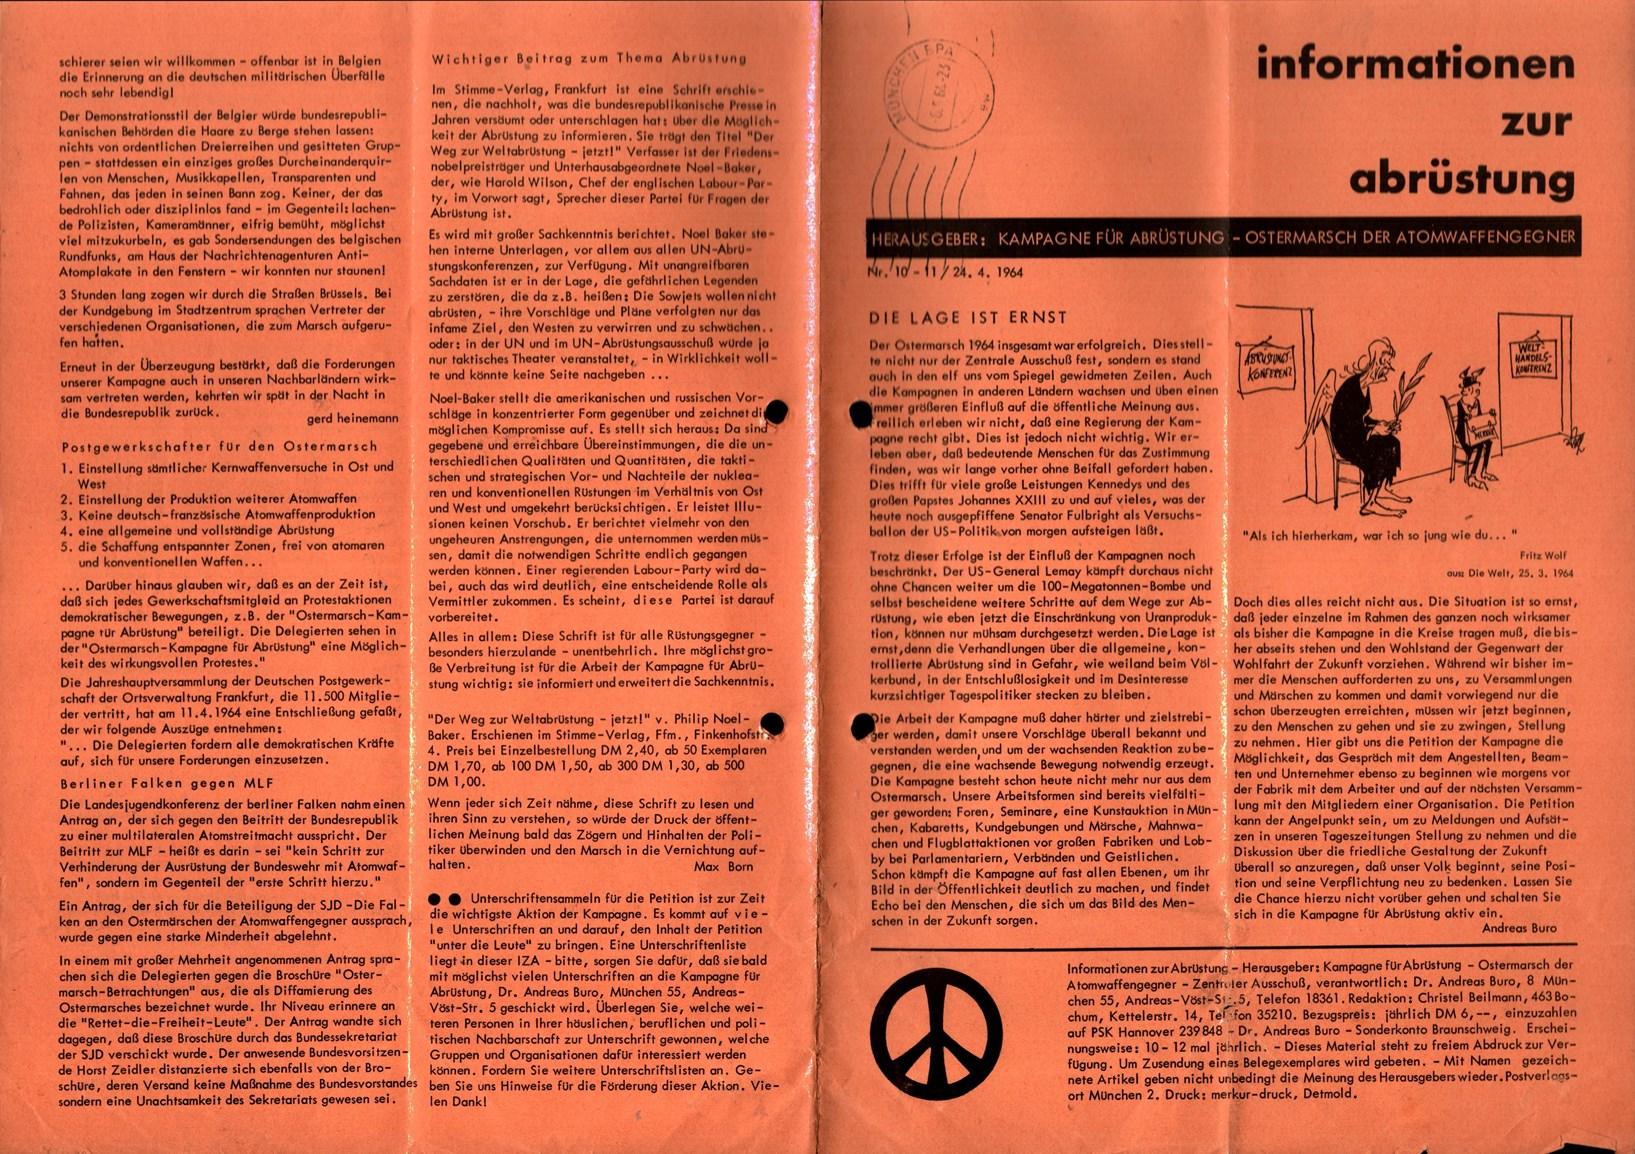 Infos_zur_Abruestung_1964_010_011_001